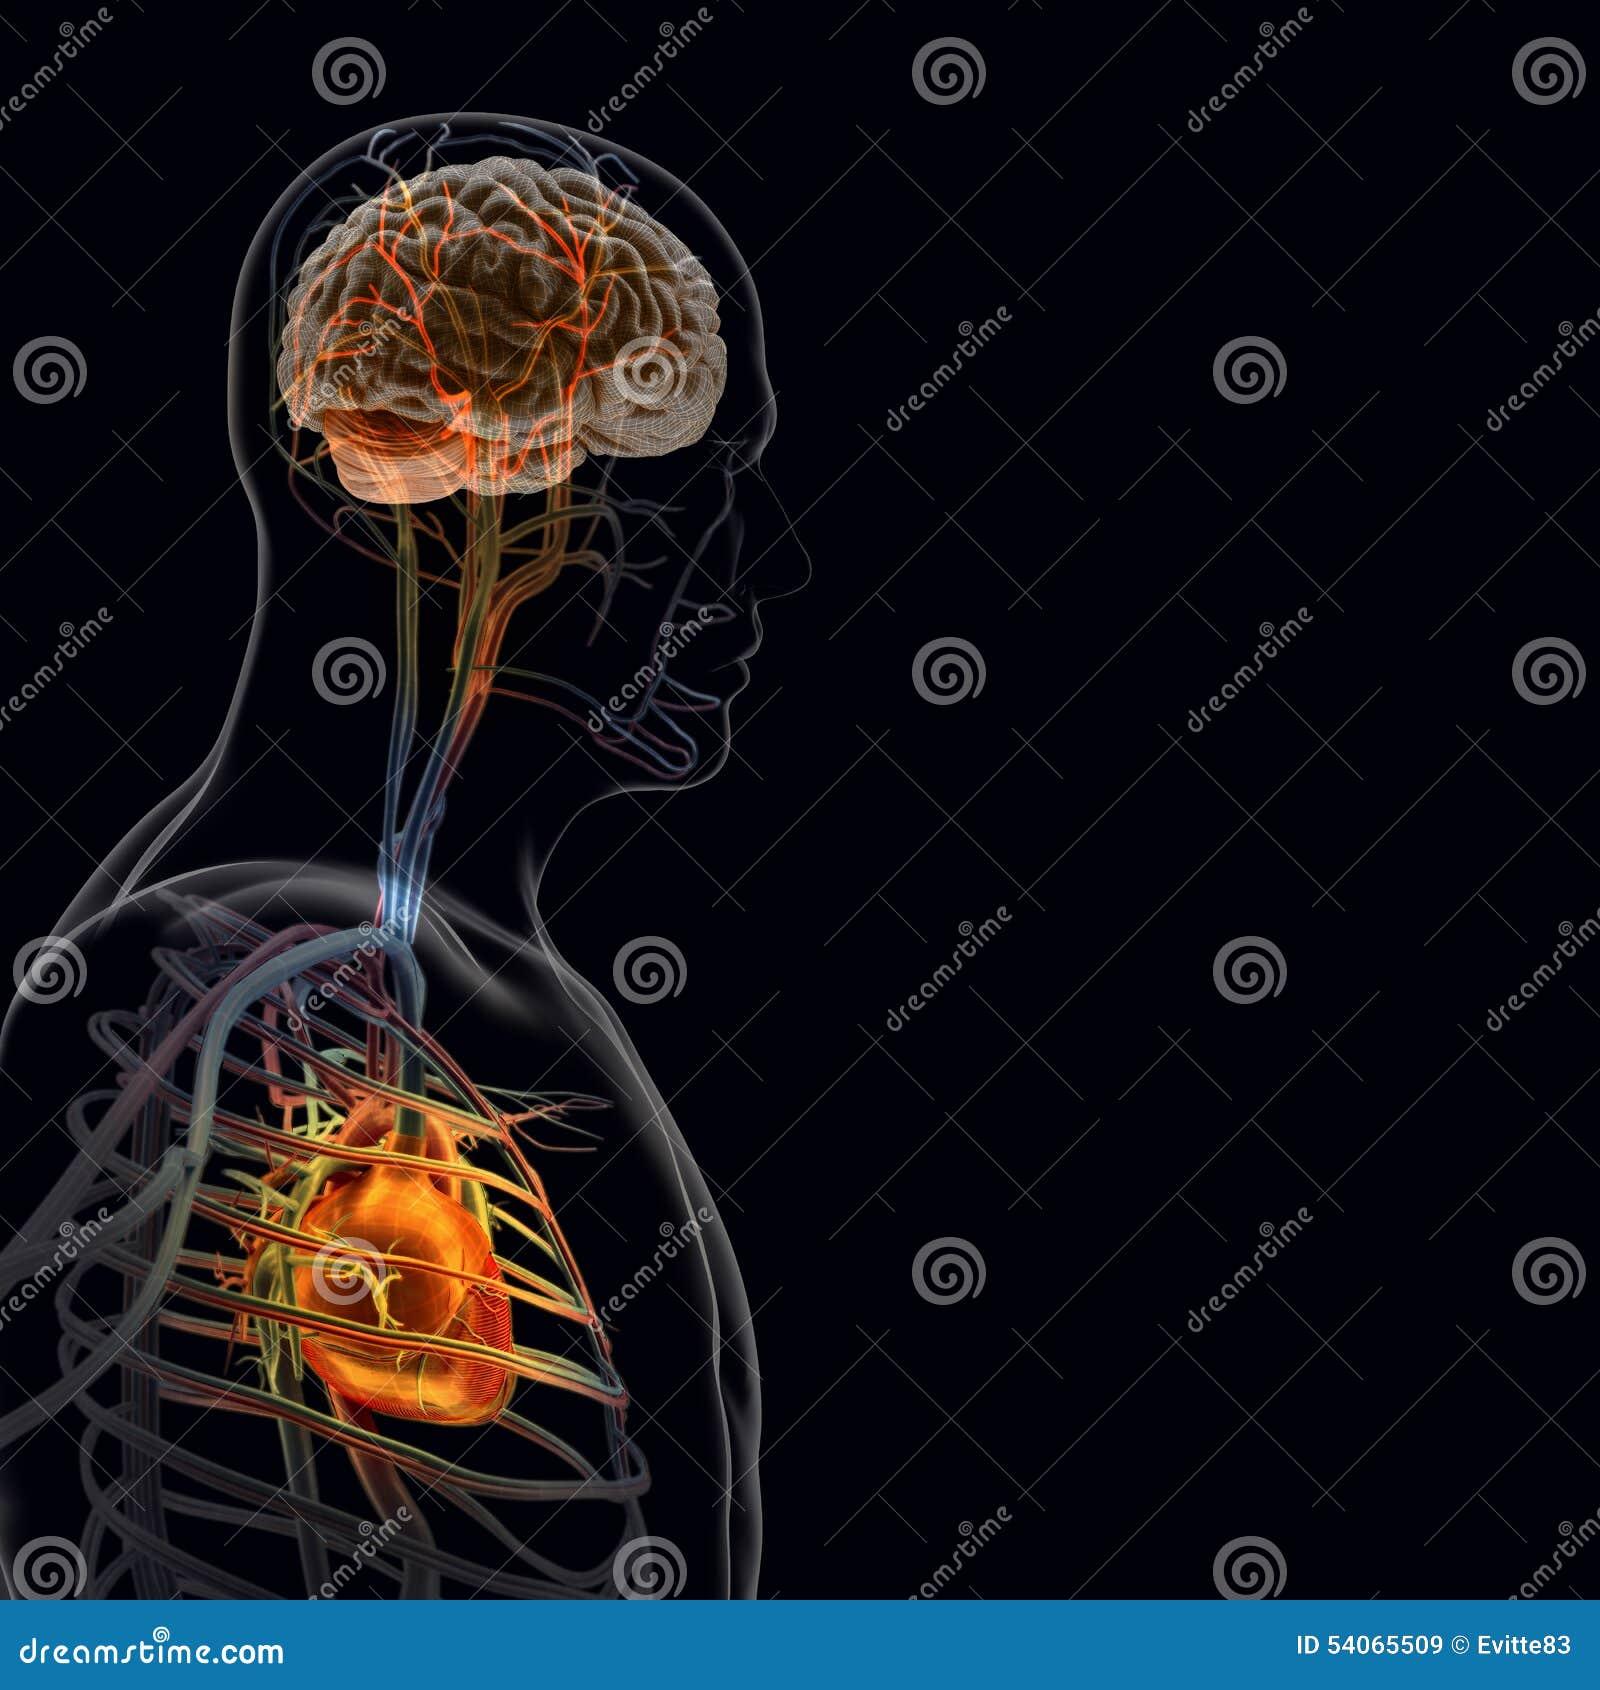 Människokroppen (organ) vid röntgenstrålar på svart bakgrund